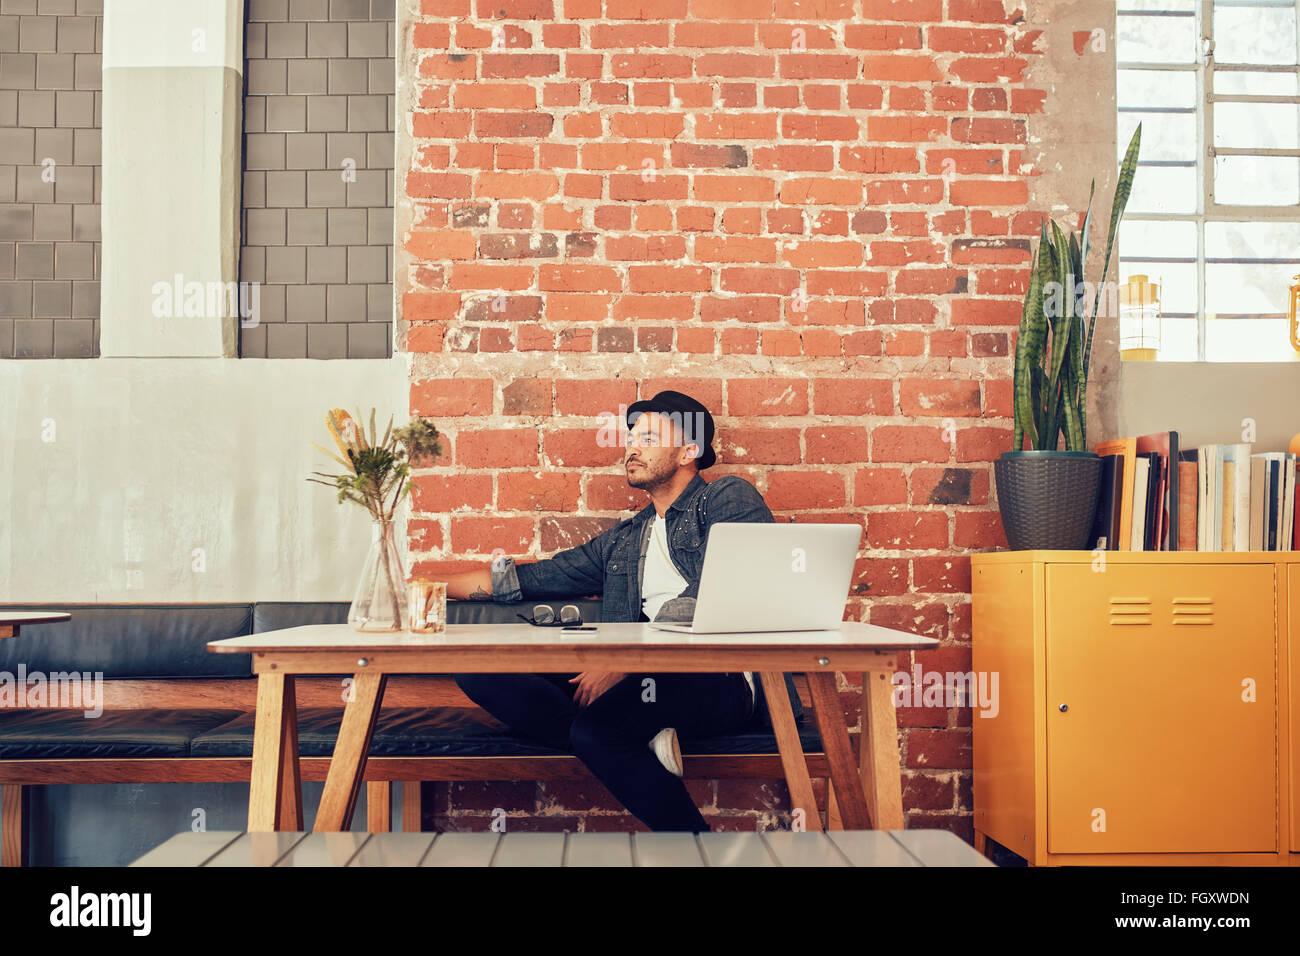 Retrato de joven sentada sola en un café con el ordenador portátil sobre la mesa. Hombre caucásico Imagen De Stock